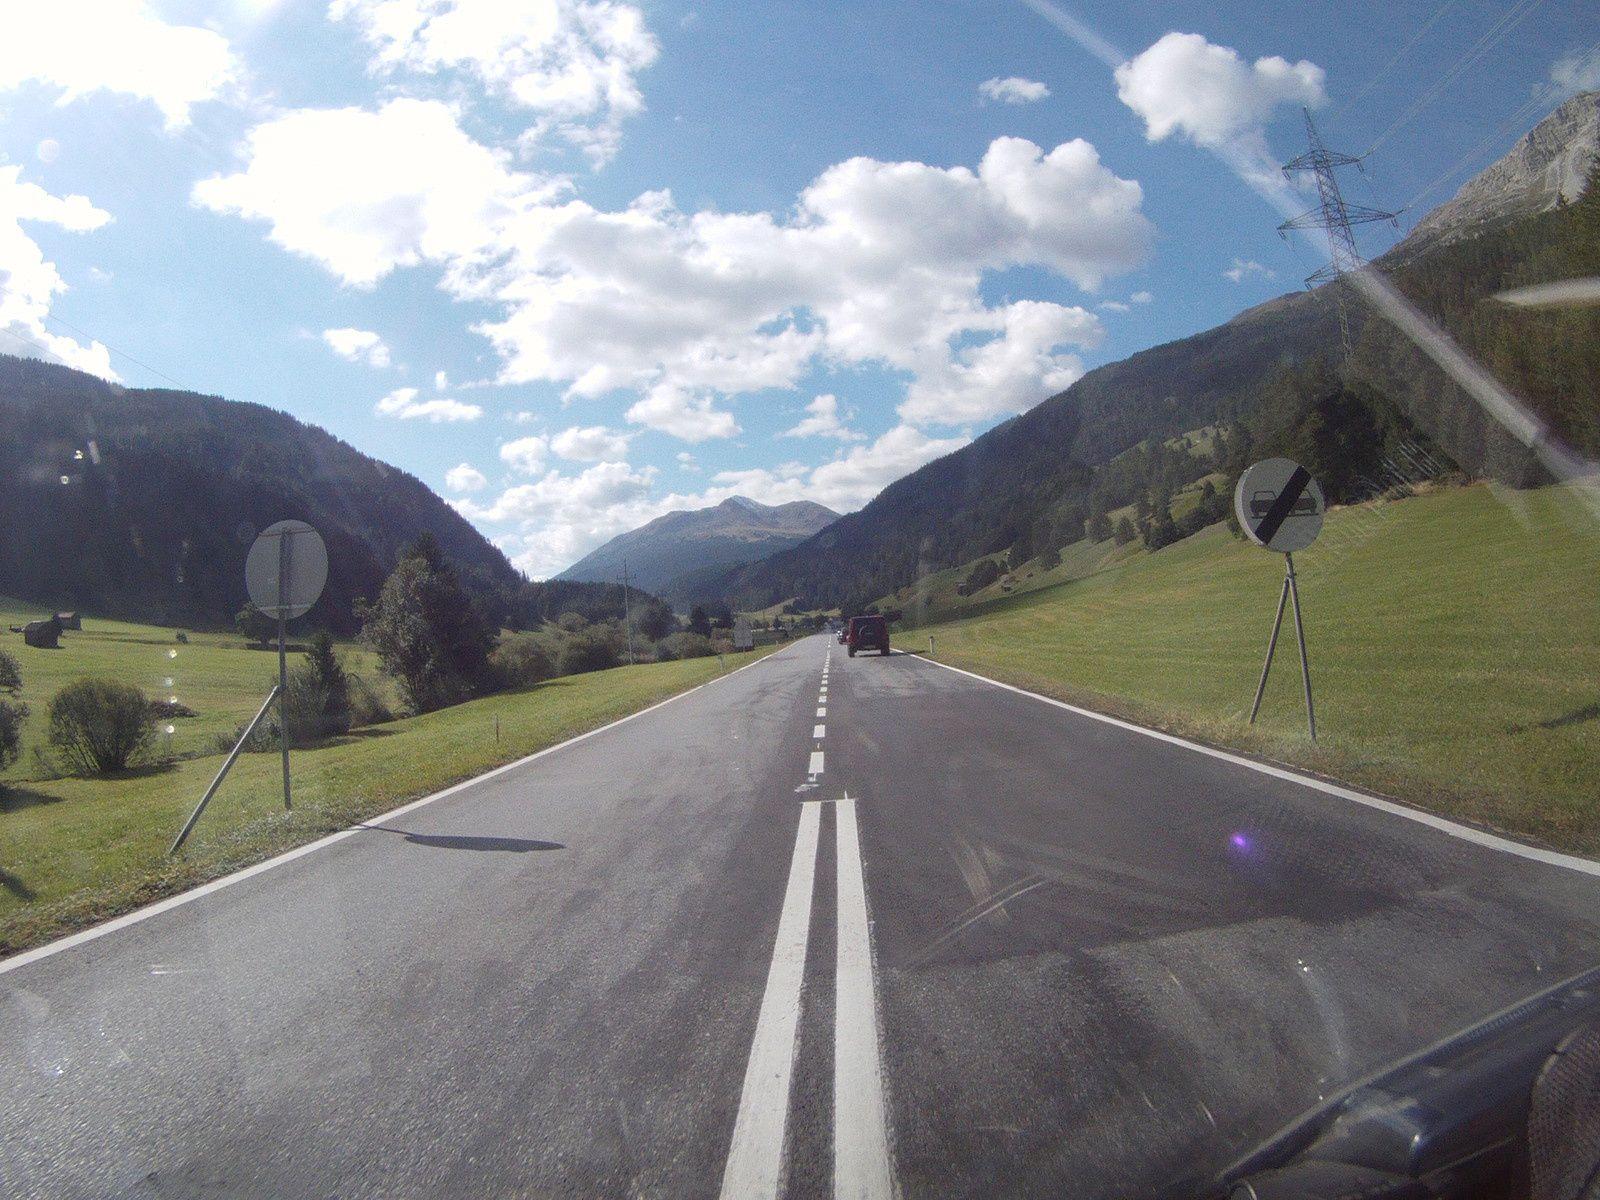 ON TOURNE À GAUCHE ET L'ITALIE EST À MOINS DE 10 KM